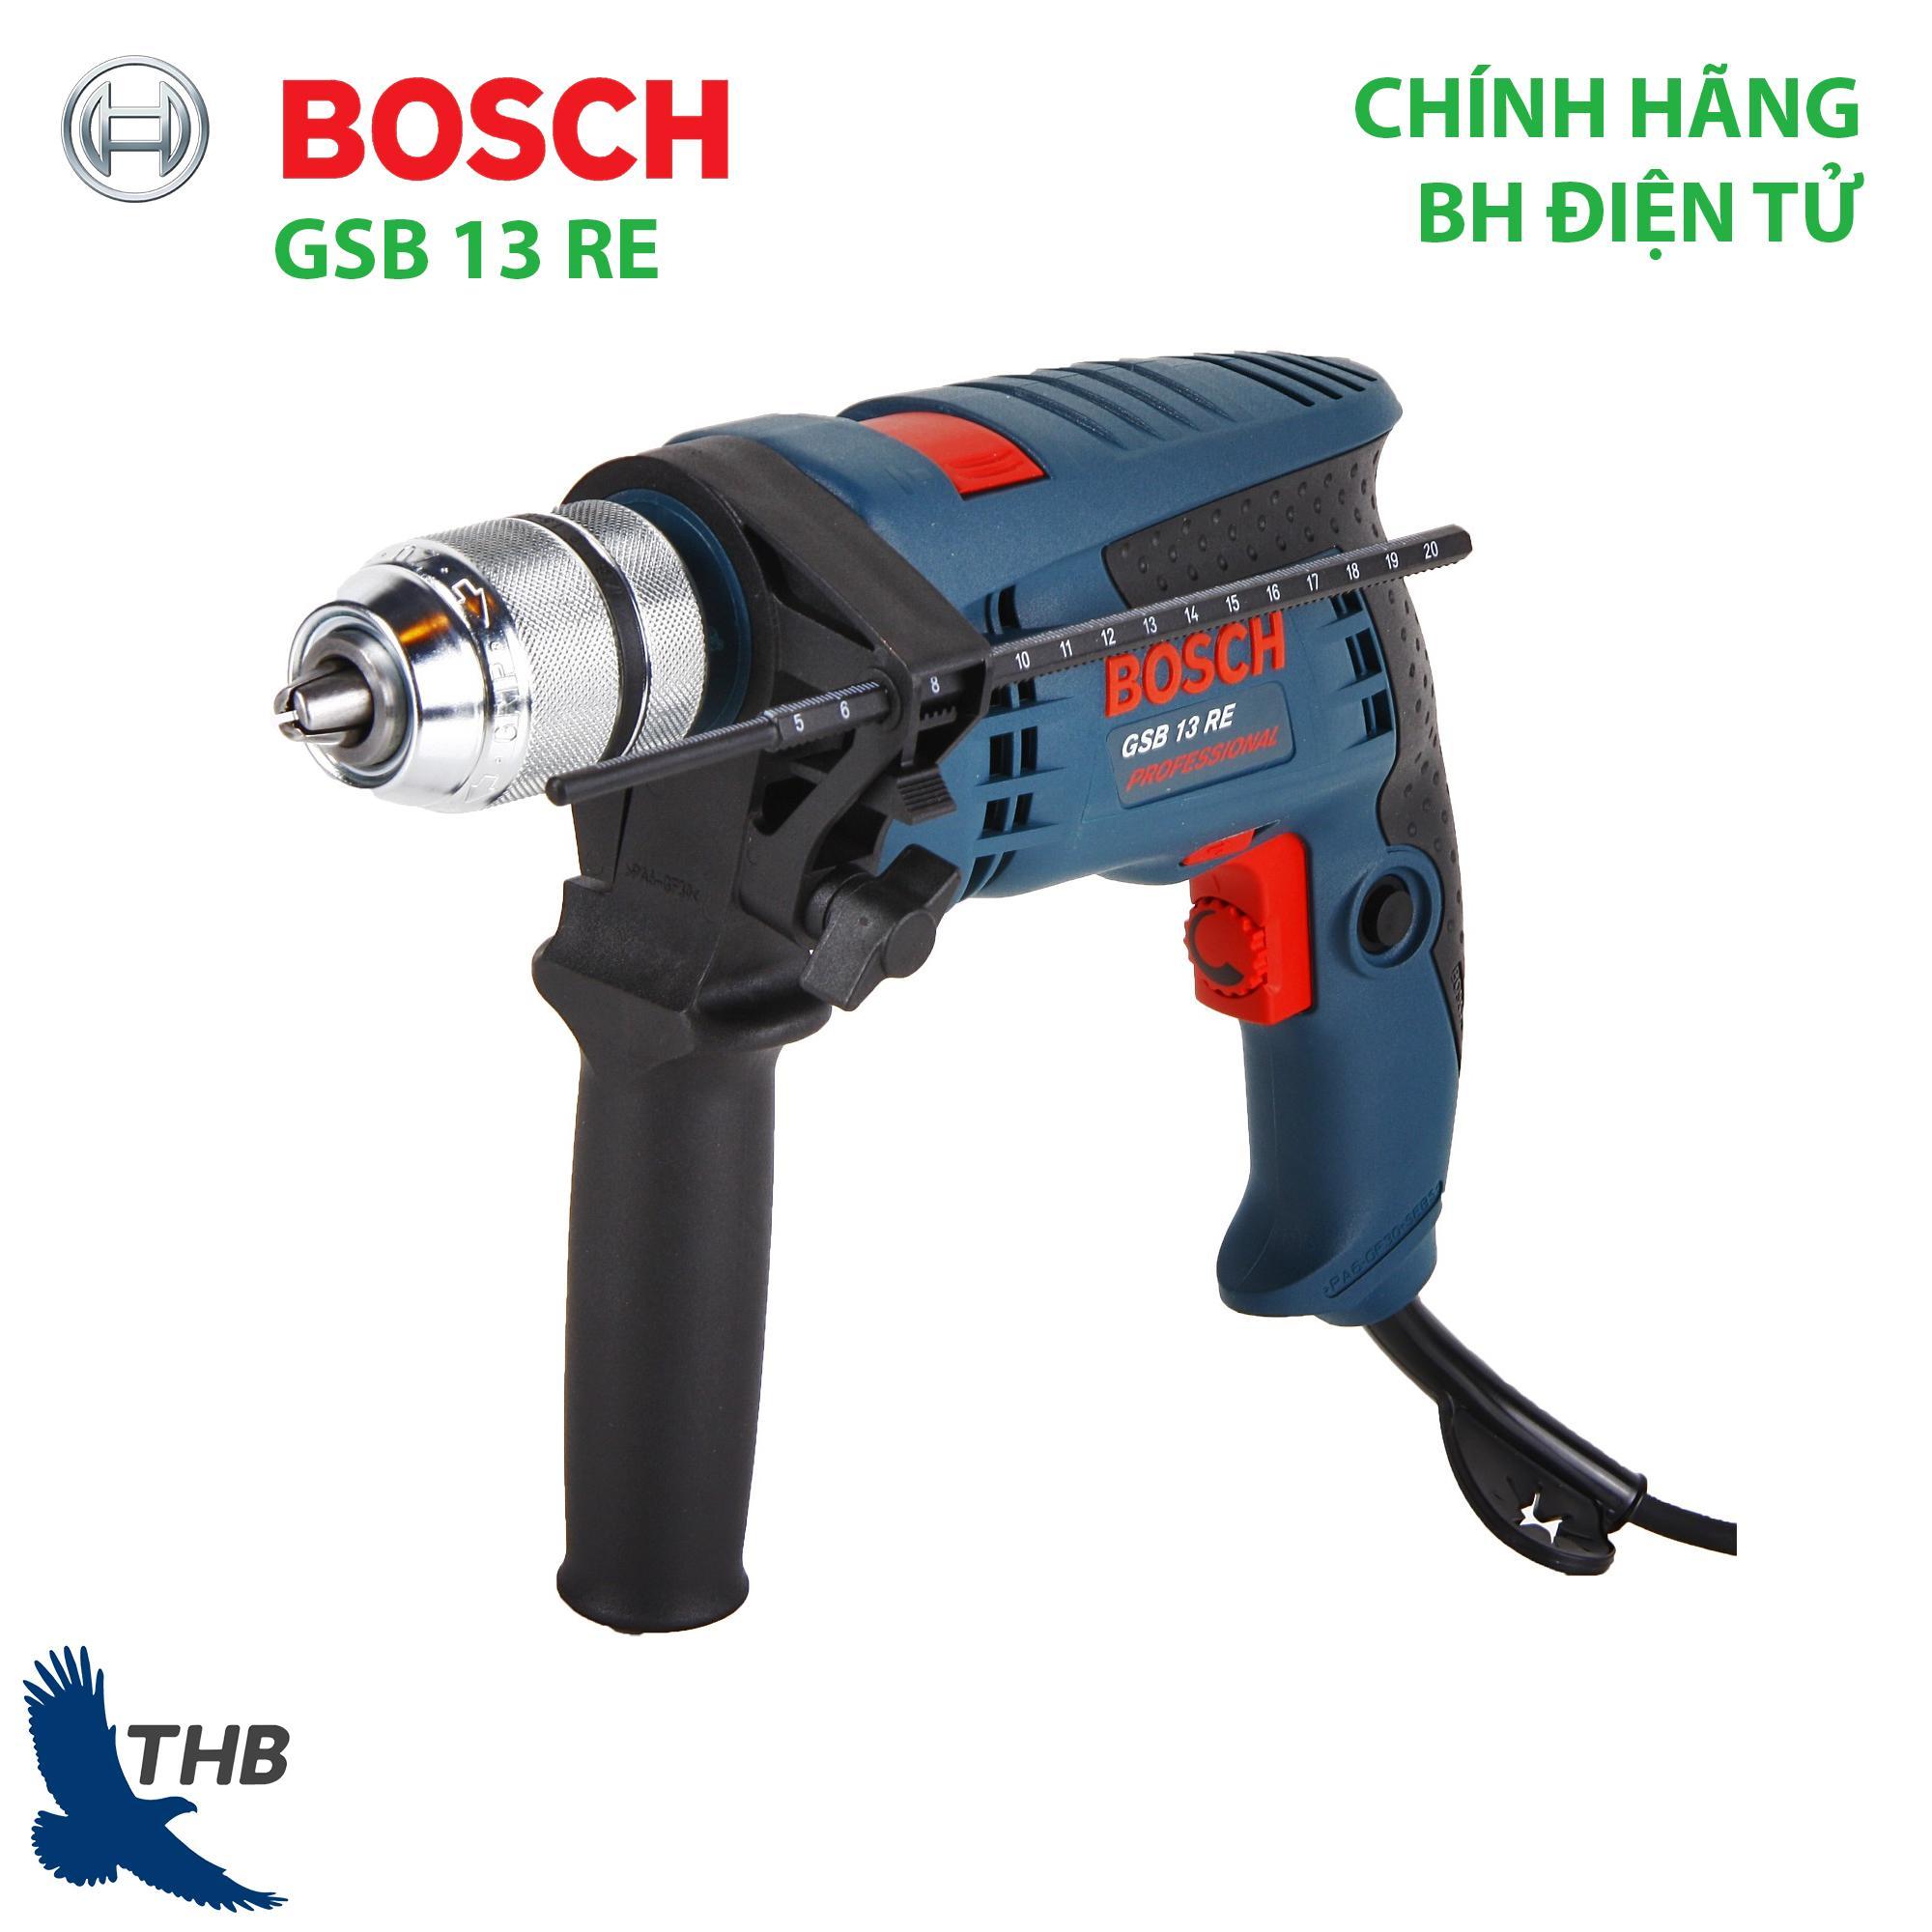 Máy khoan đa năng Máy khoan động lực Bosch GSB 13 RE Xuất xứ Malaysia Công suất 600W Bảo hành điện tử 12 tháng